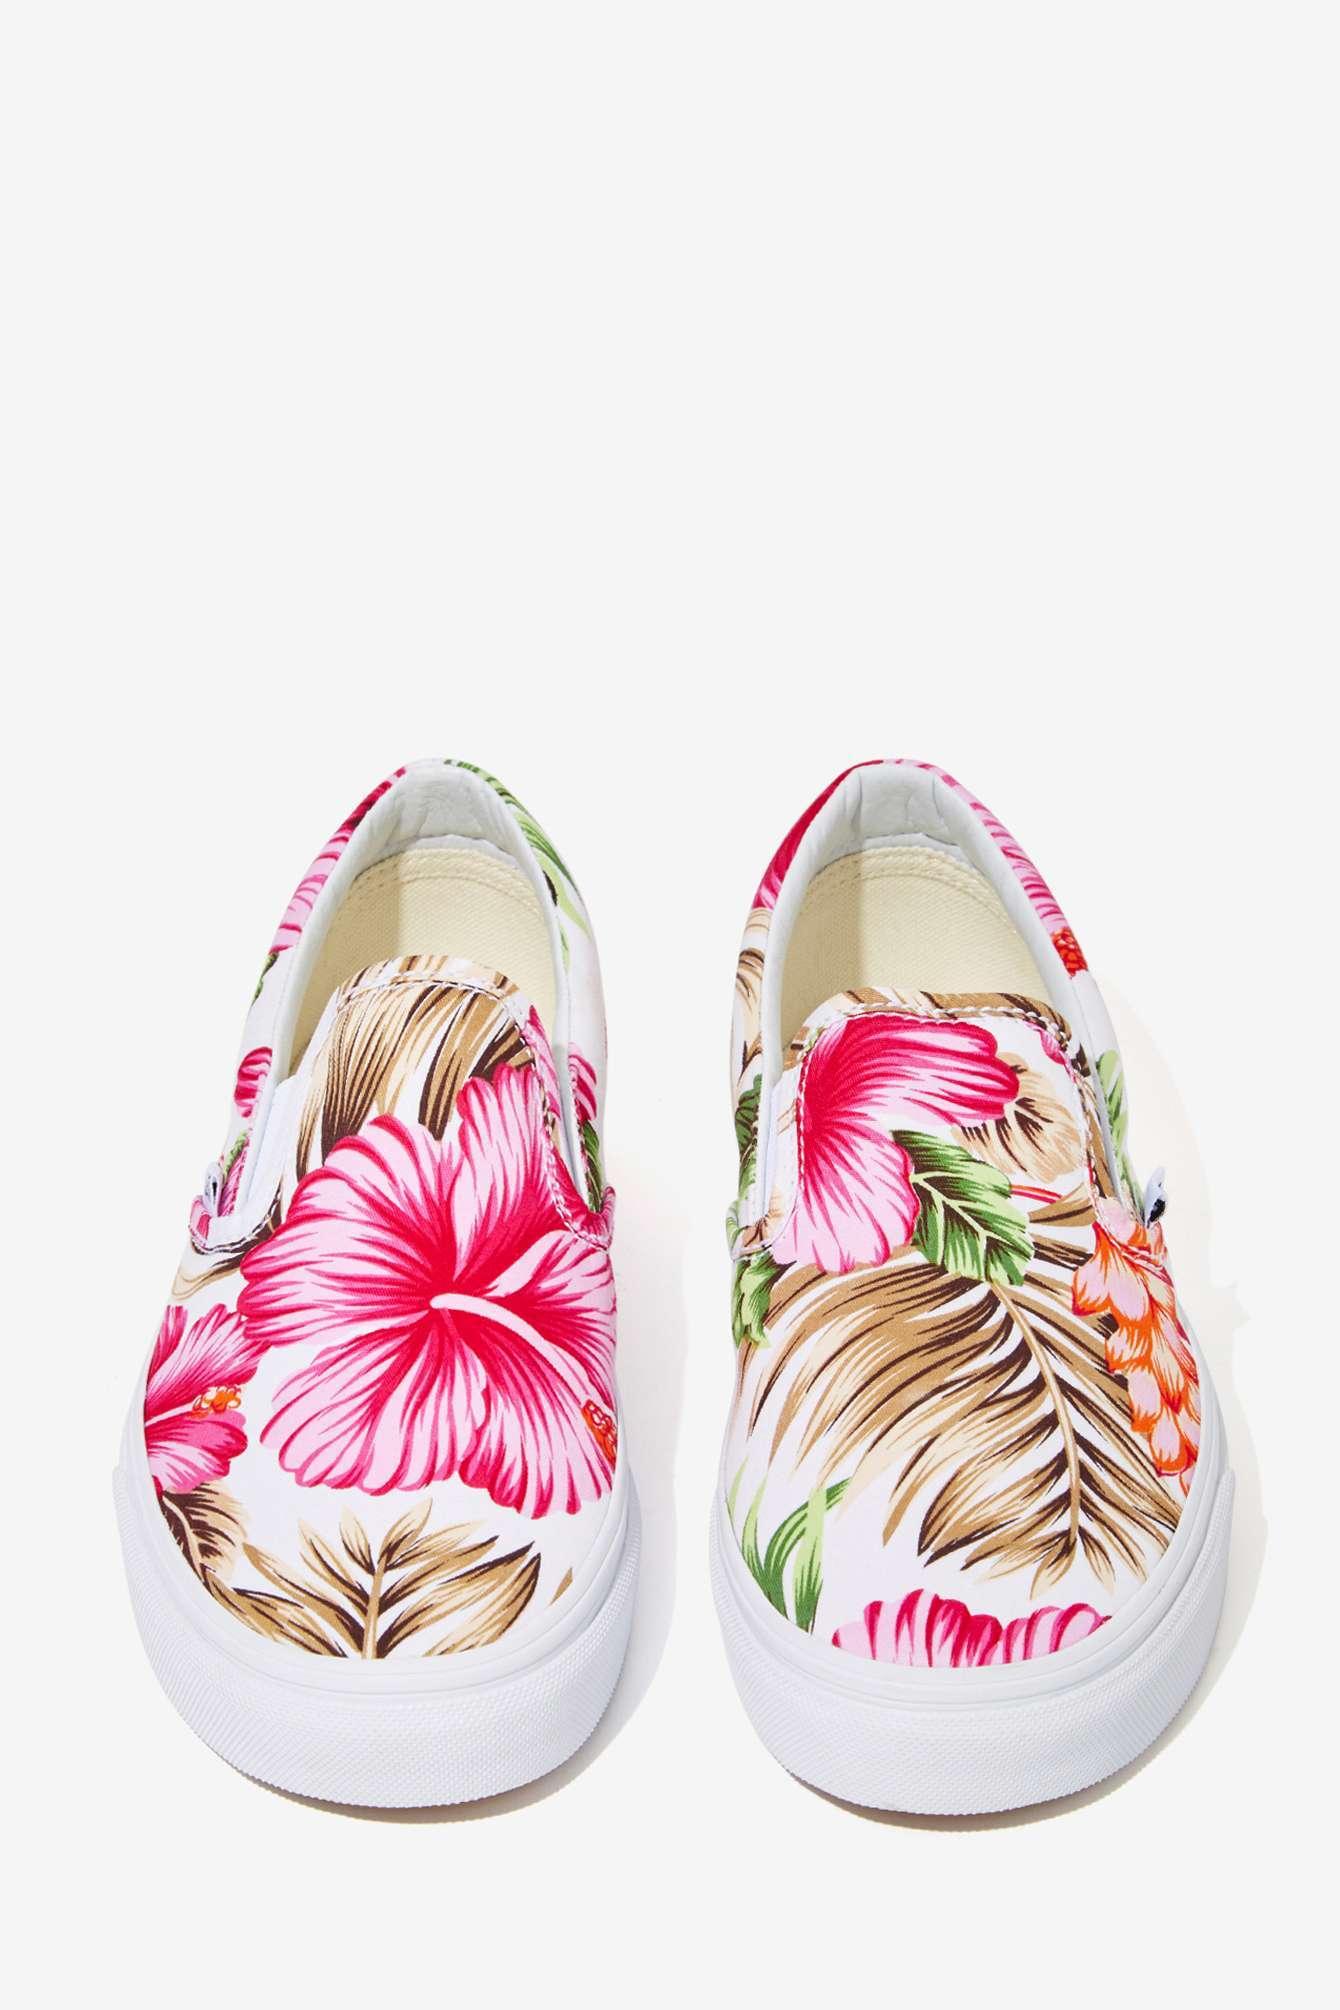 Hawaiian Floral Vans Shoes